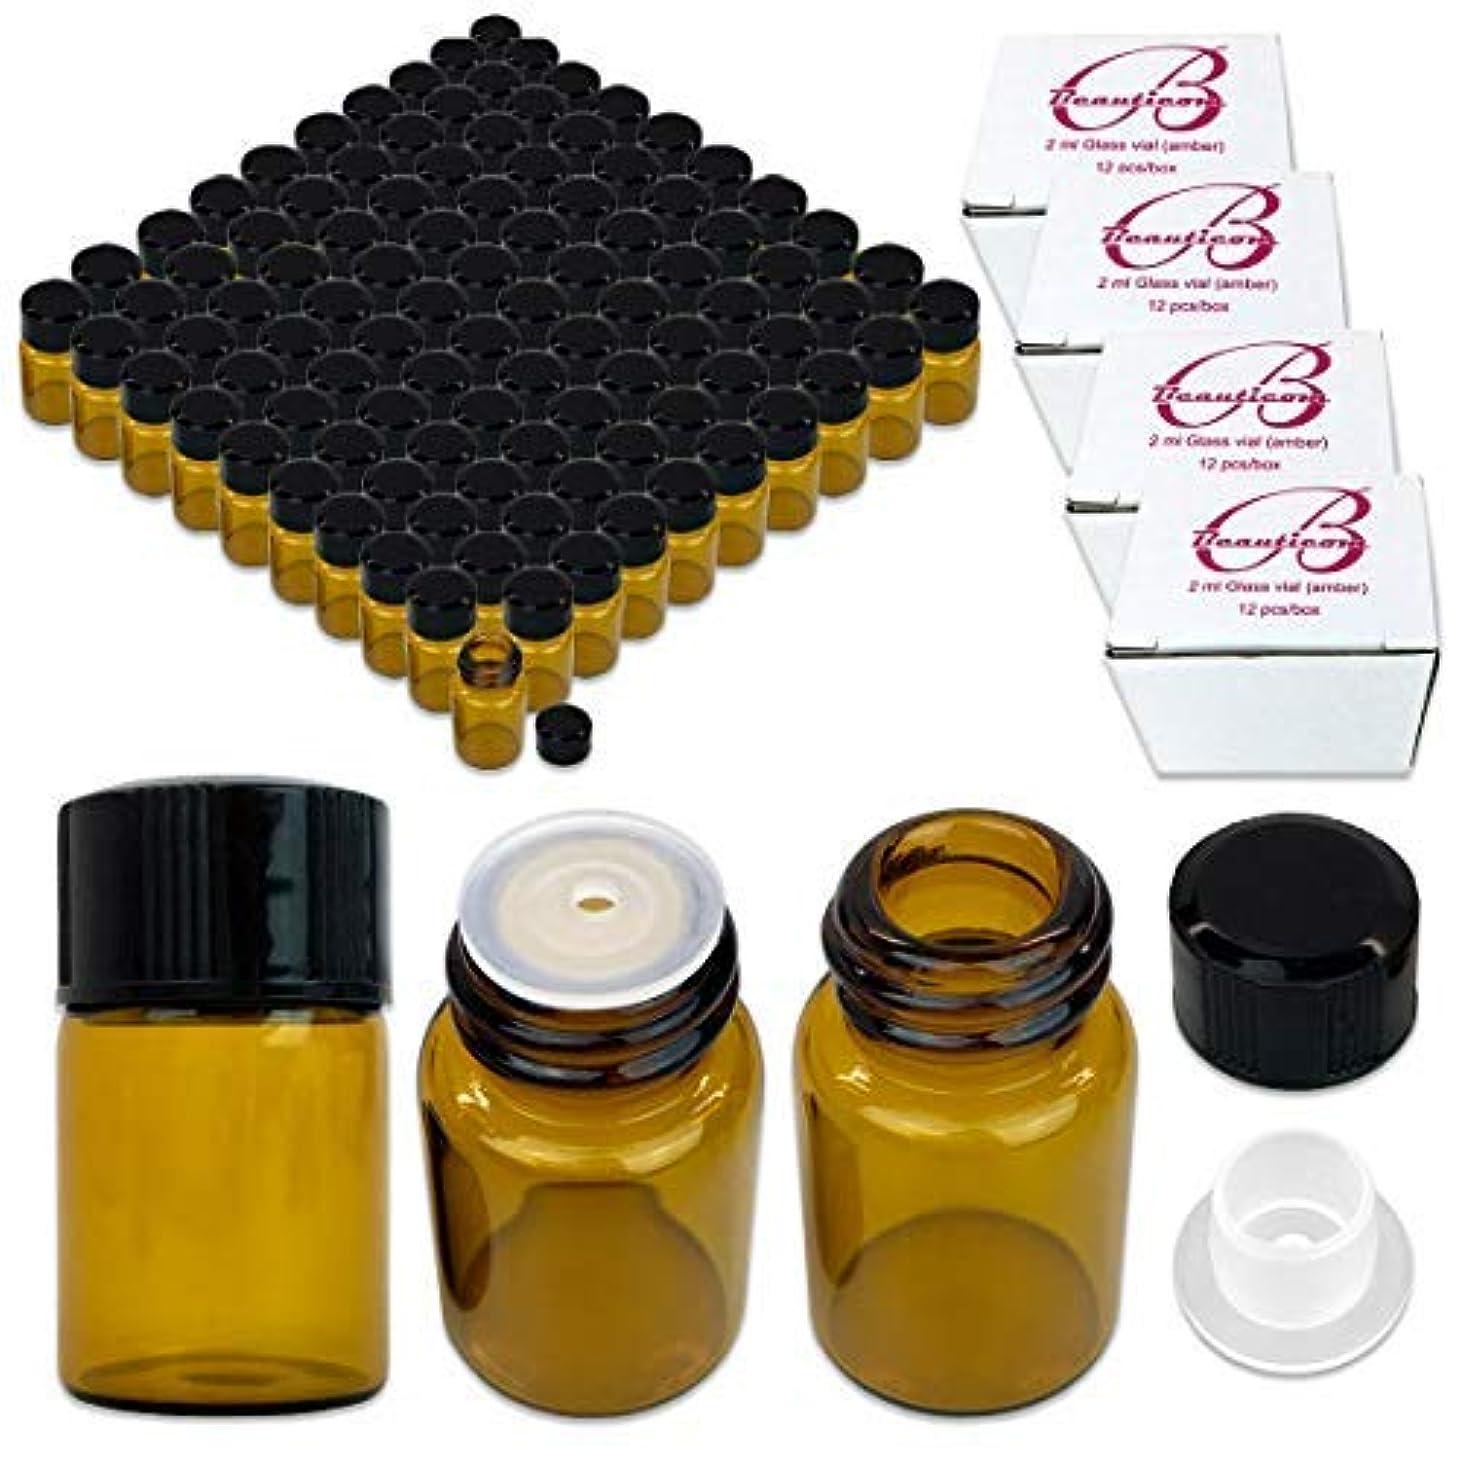 自己小数責任144 Packs Beauticom 2ML Amber Glass Vial for Essential Oils, Aromatherapy, Fragrance, Serums, Spritzes, with Orifice...